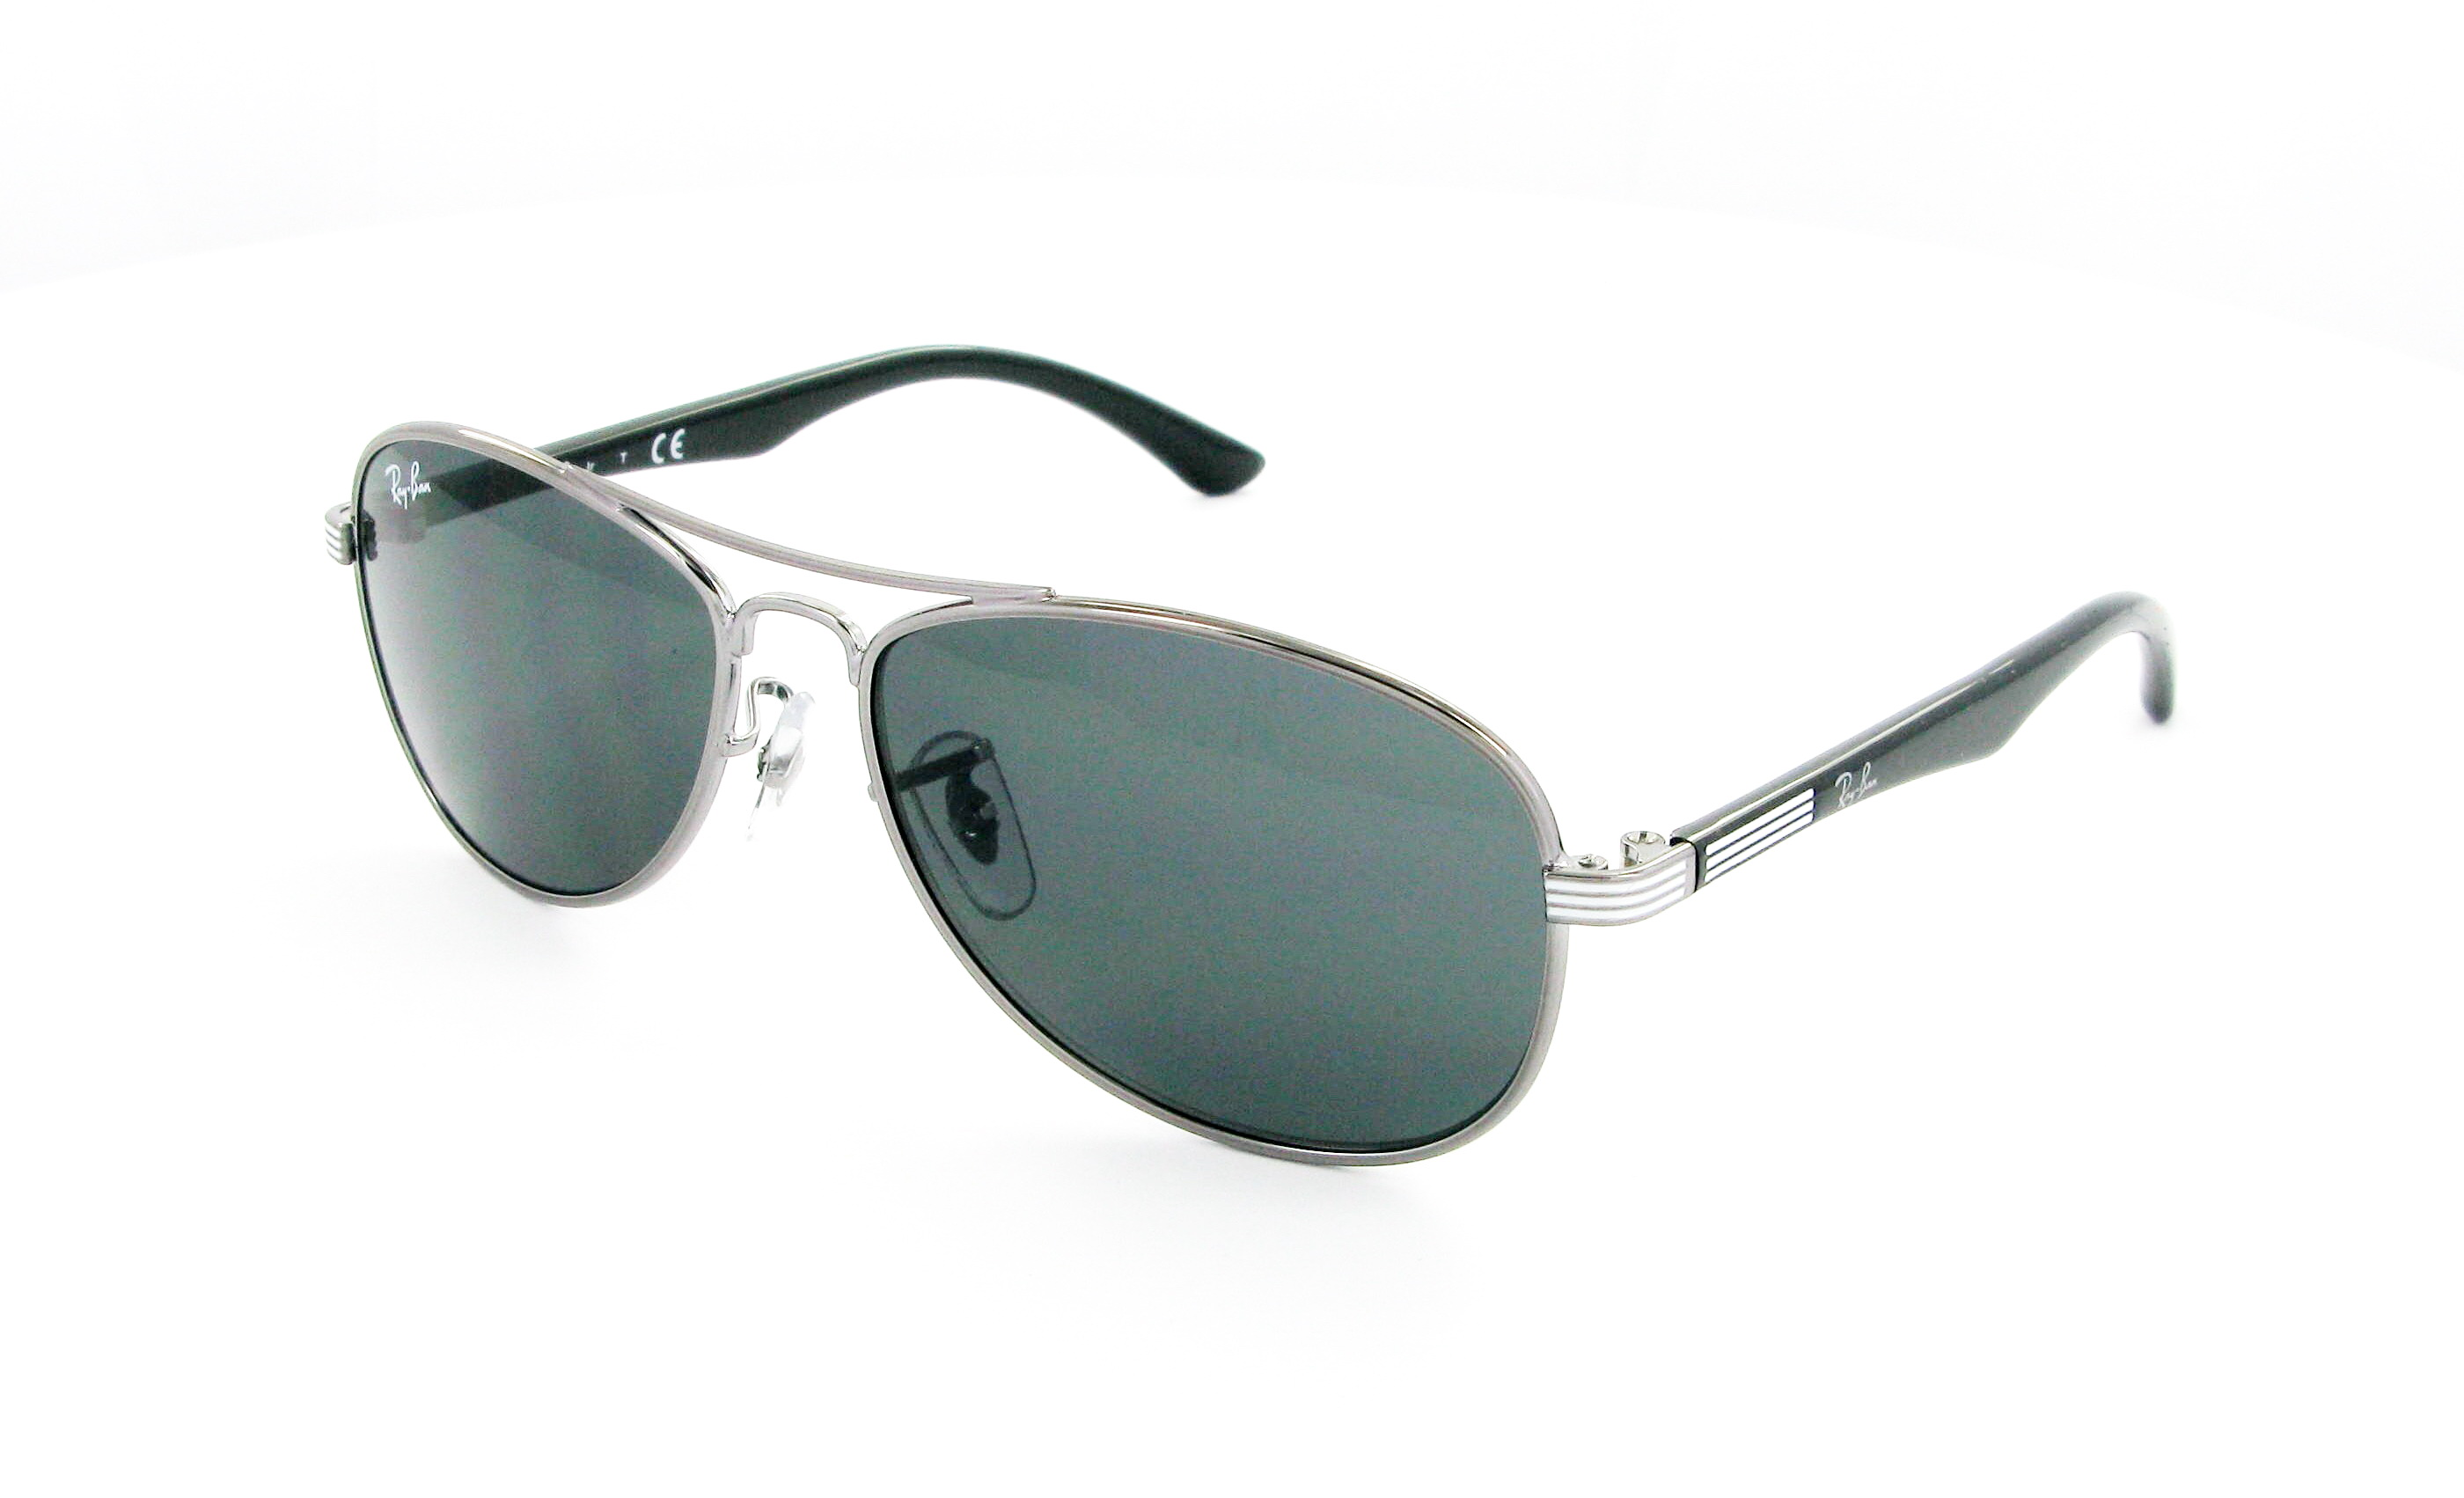 Liste de produits lunettes de soleil et prix lunettes de soleil ... 38fb9cd5b012